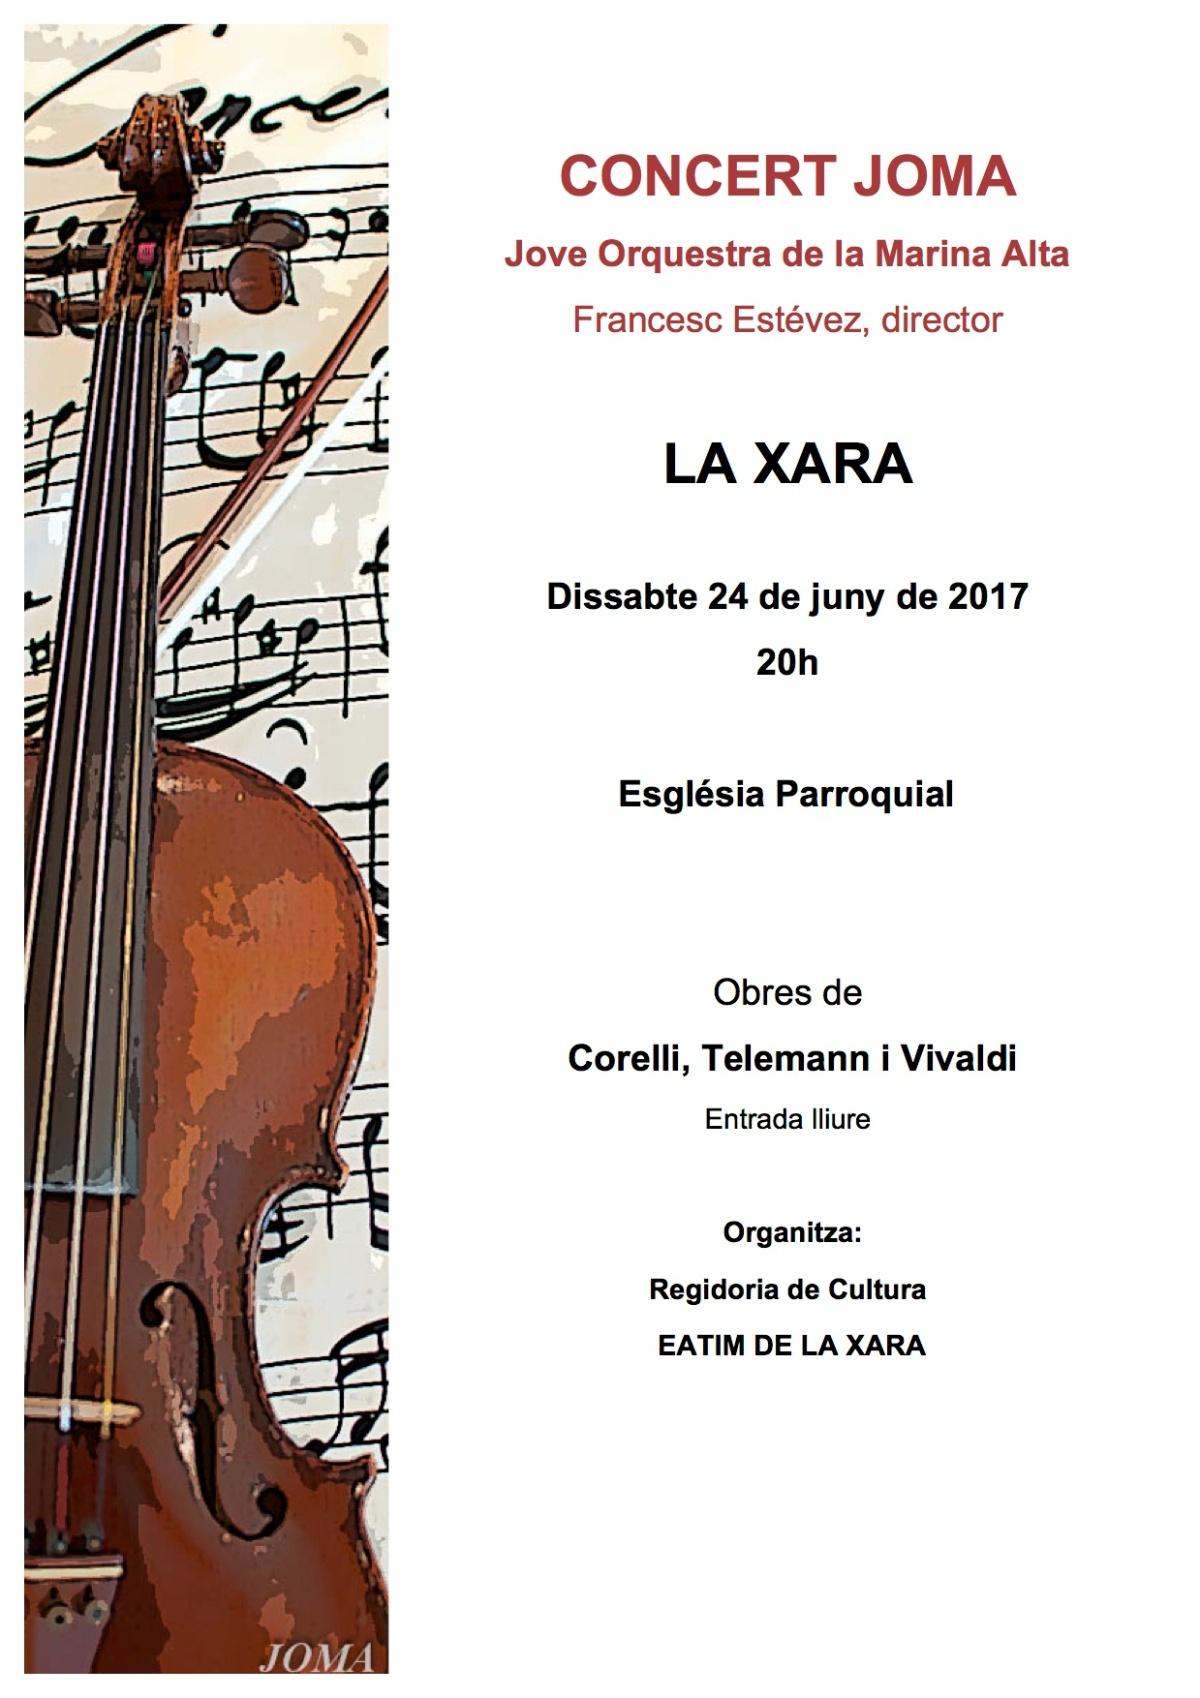 Próximo concierto – LA XARA 24 de junio de 2017 a las20h